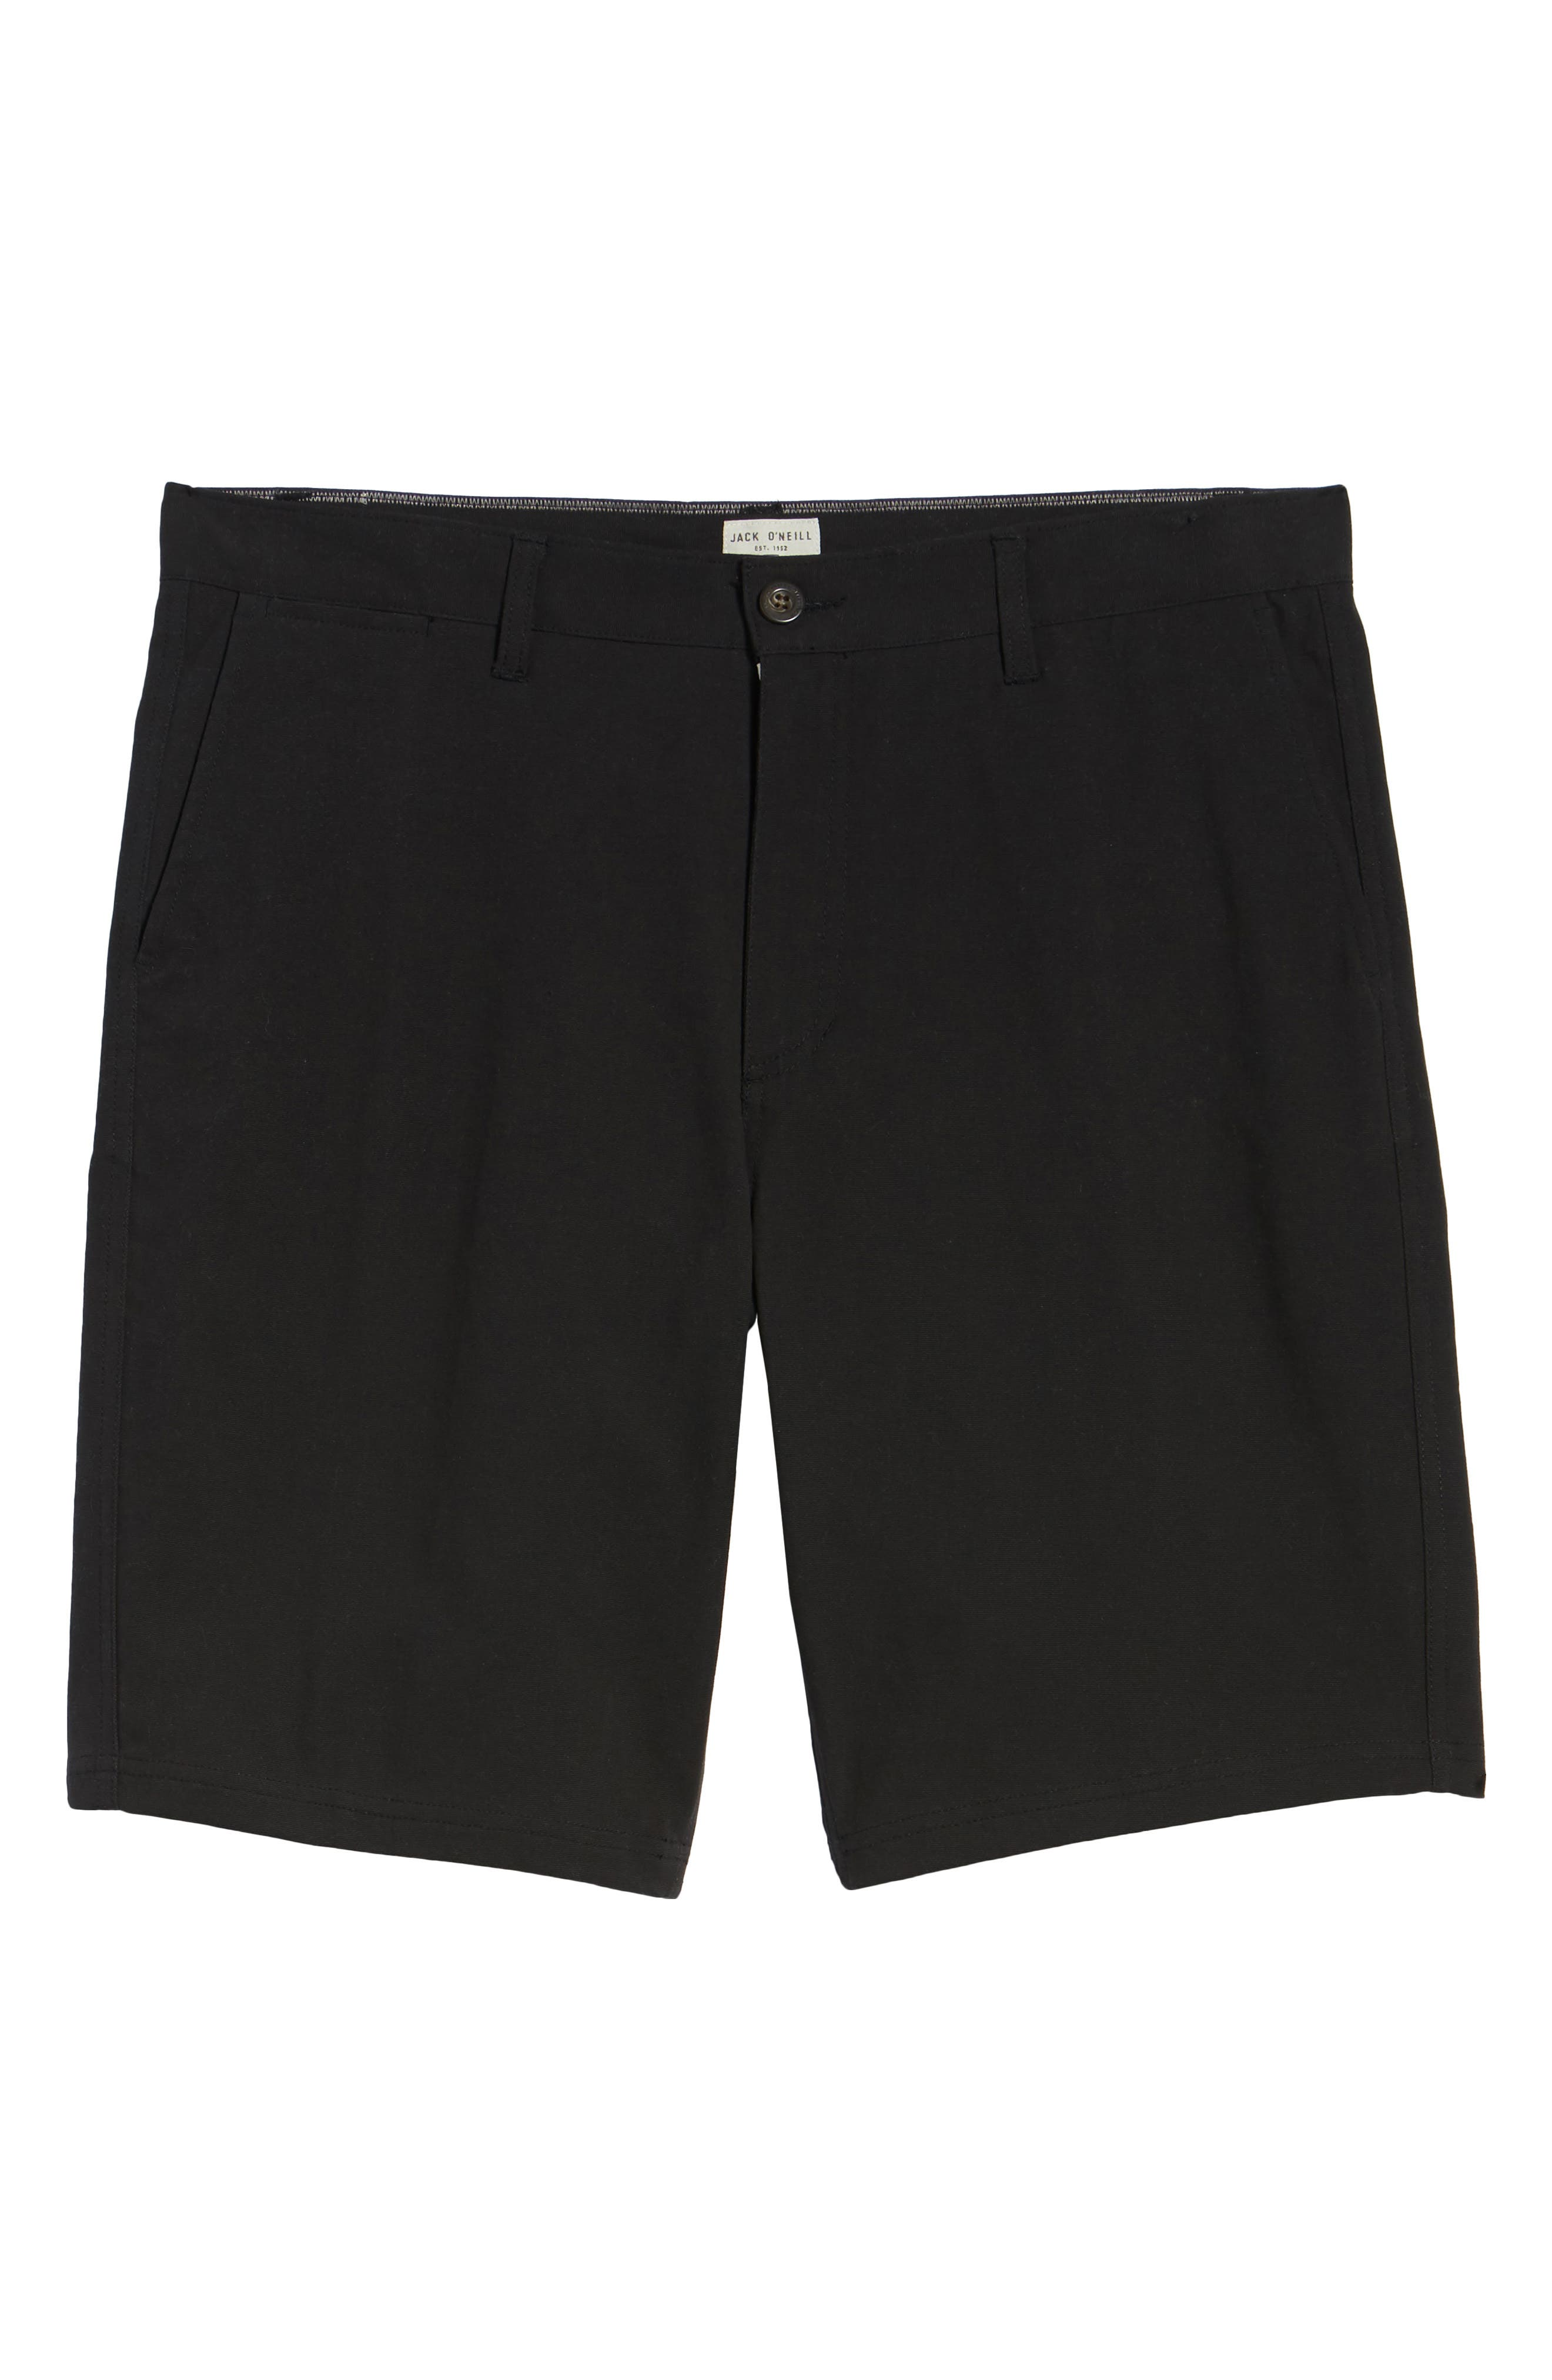 Port Shorts,                             Alternate thumbnail 6, color,                             BLACK